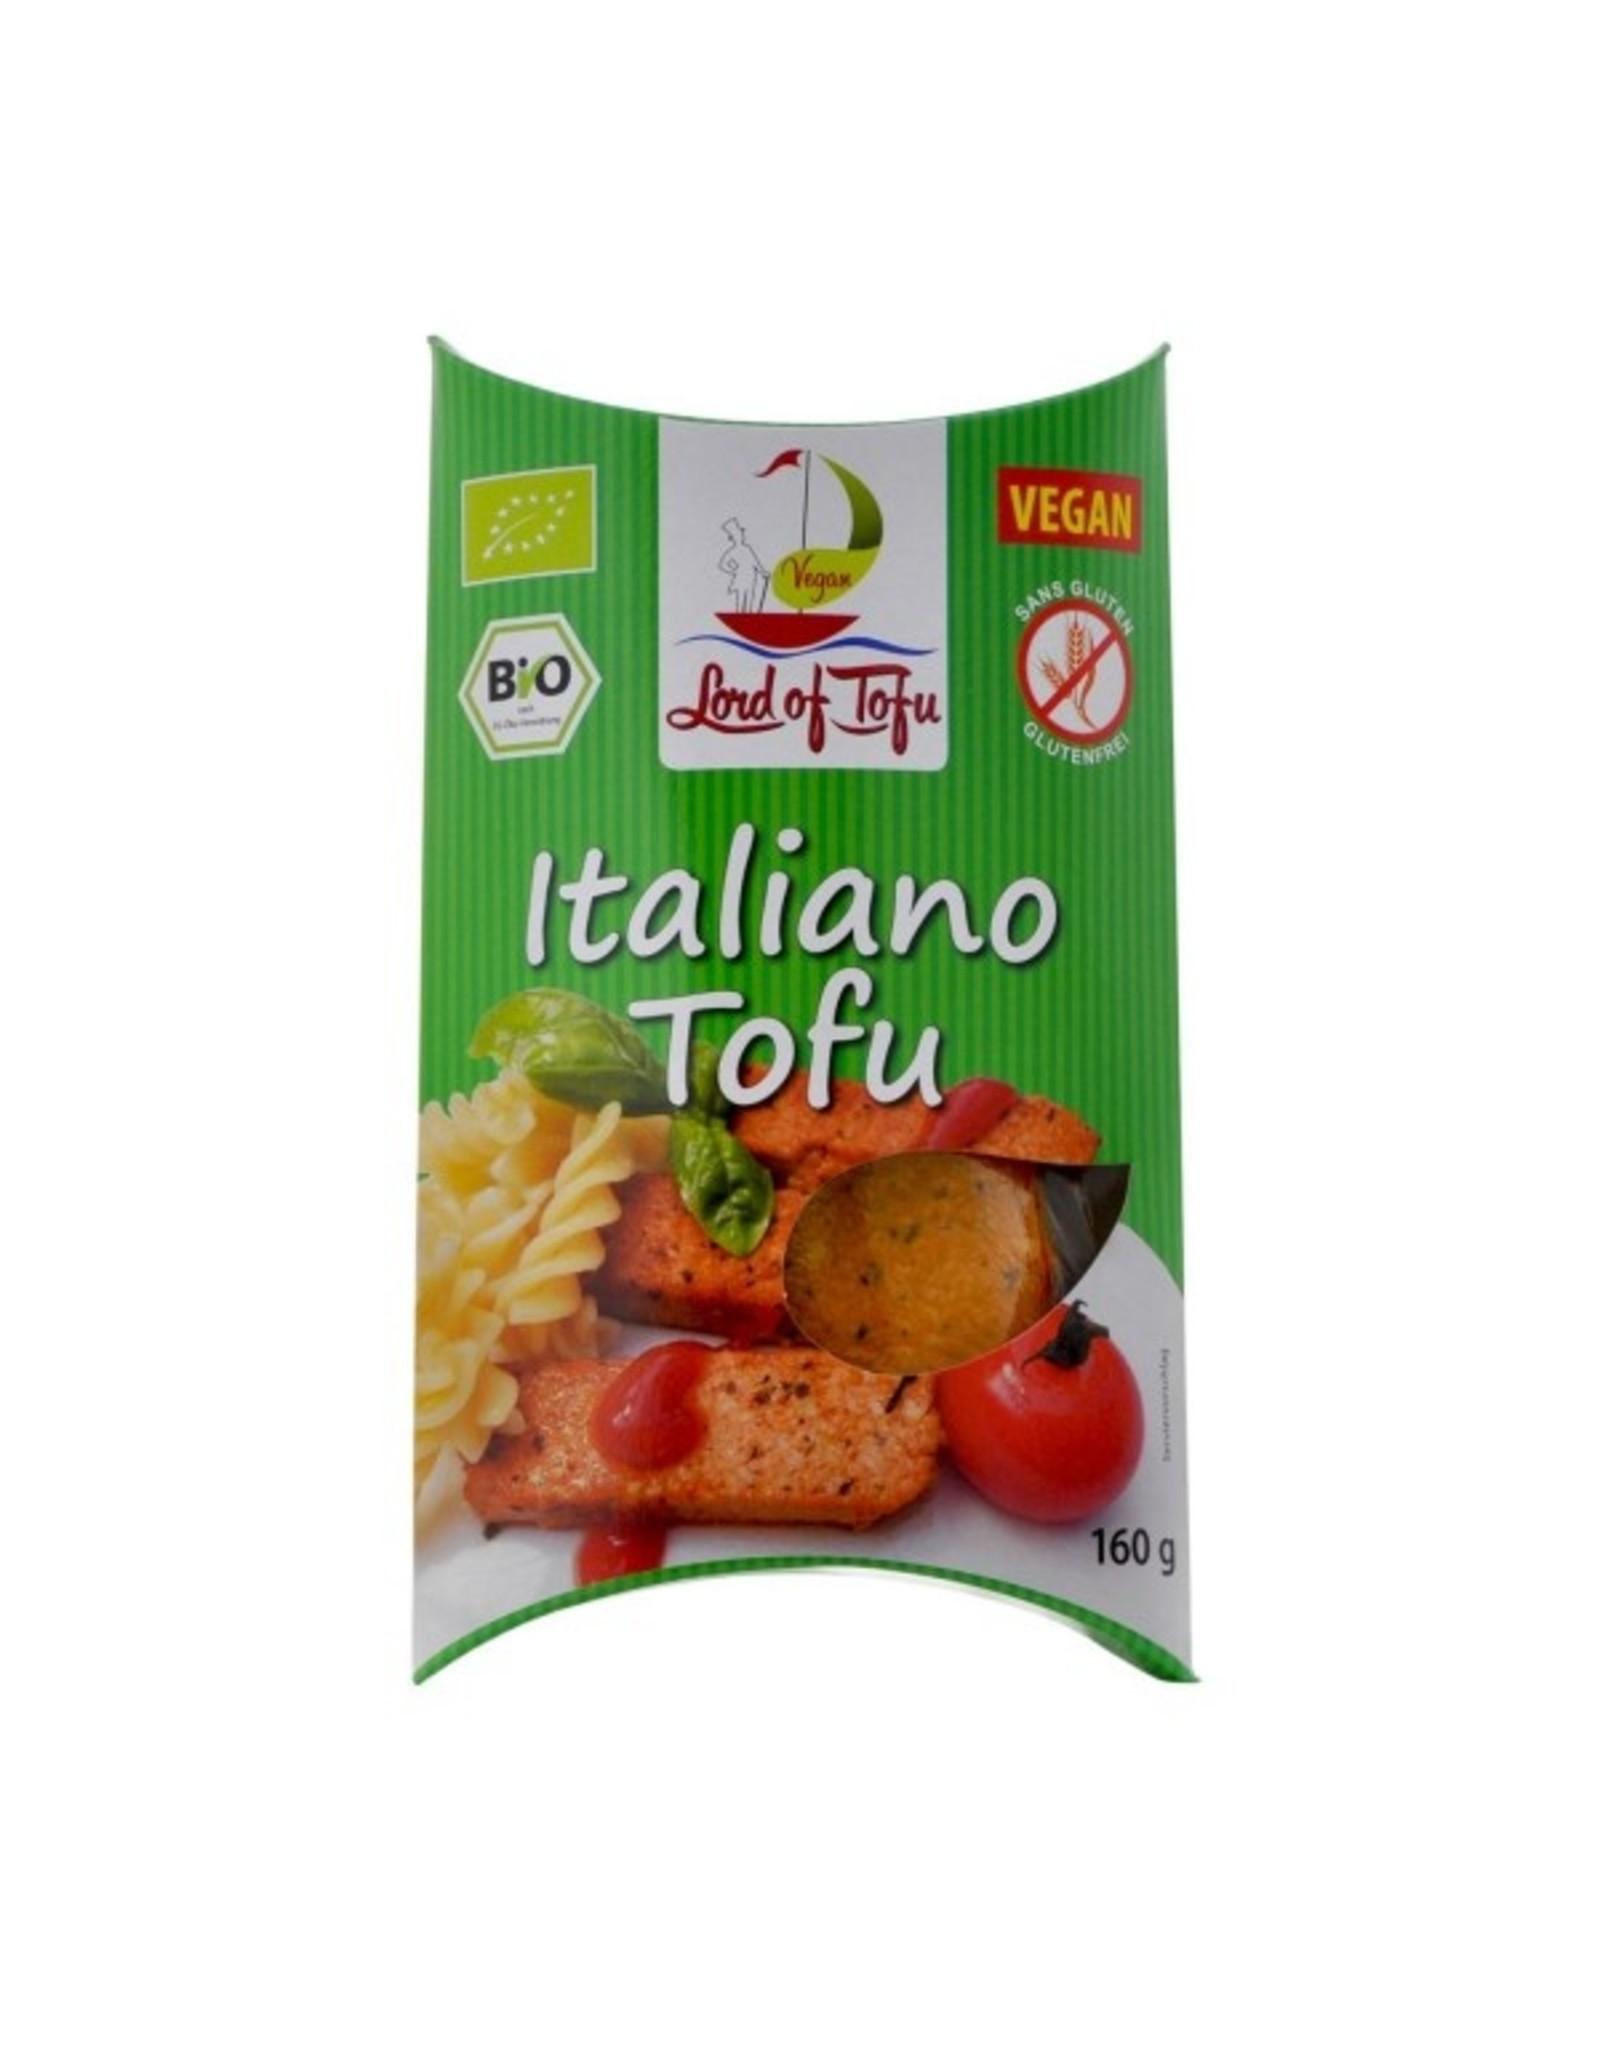 Lord of Tofu Italiano Tofu 160g